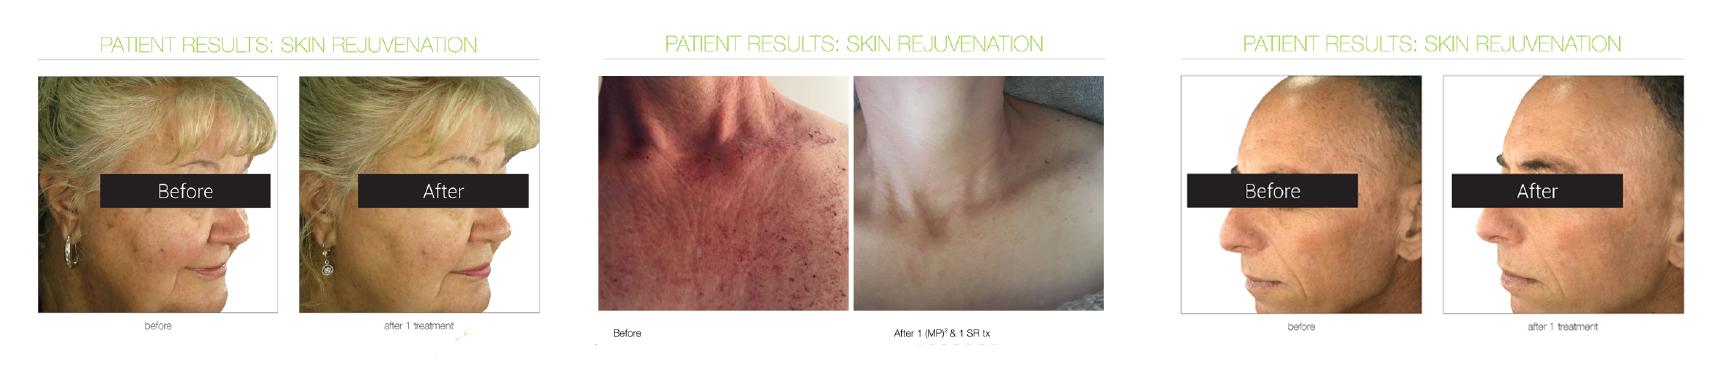 IPL-Skin-Pix